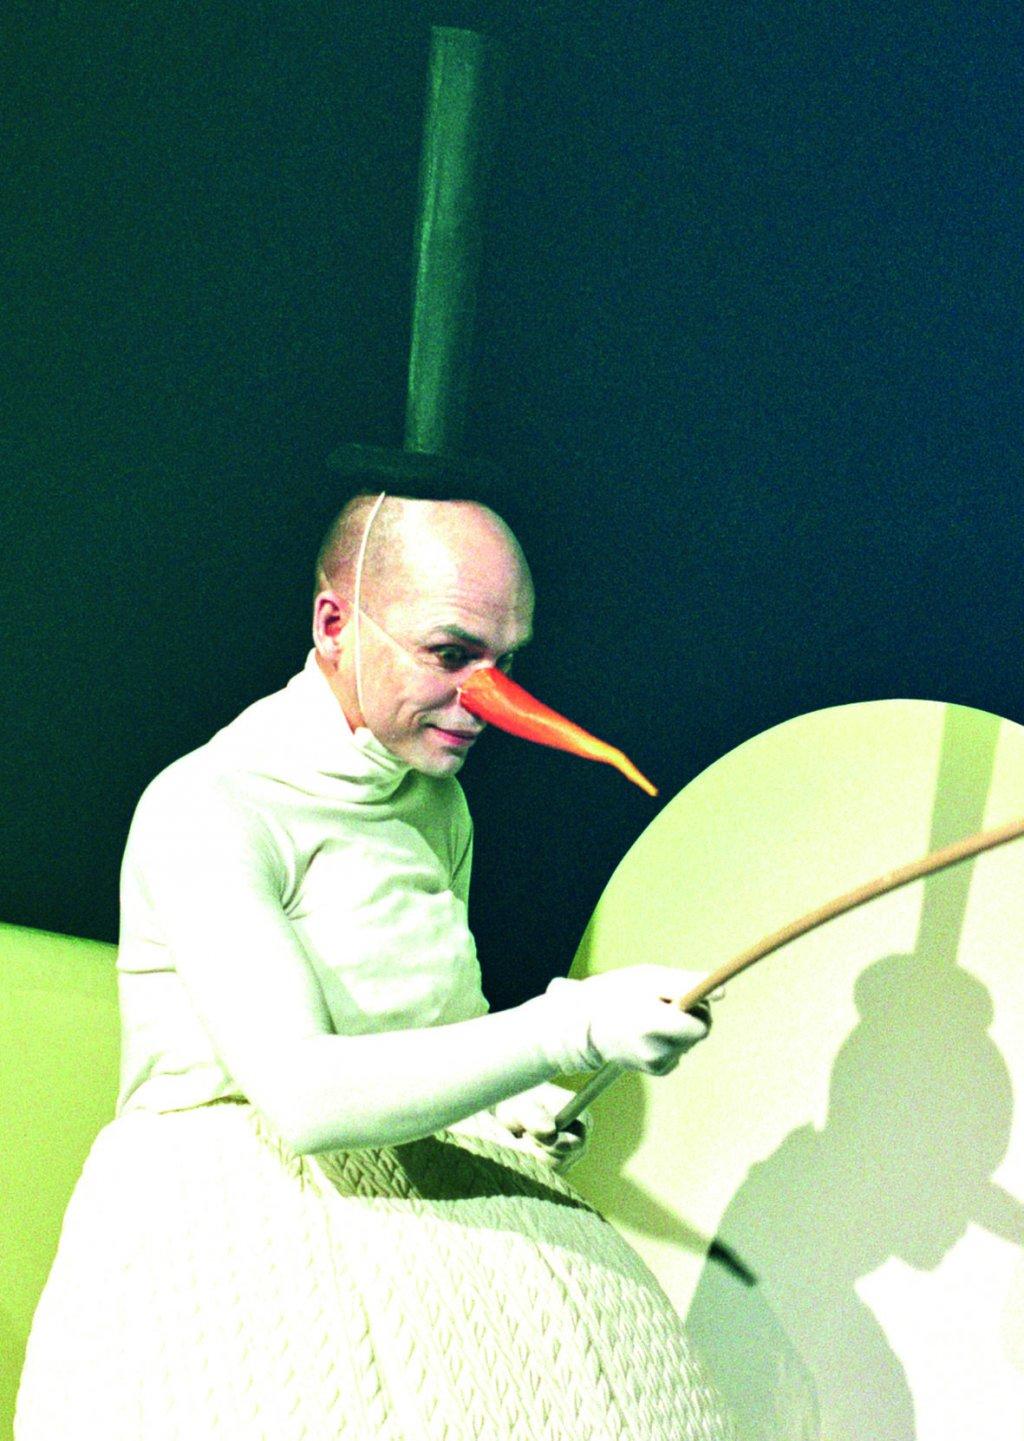 Jeda, der Schneemann, beim Fischen. | Foto © Ellmauer, theater yby